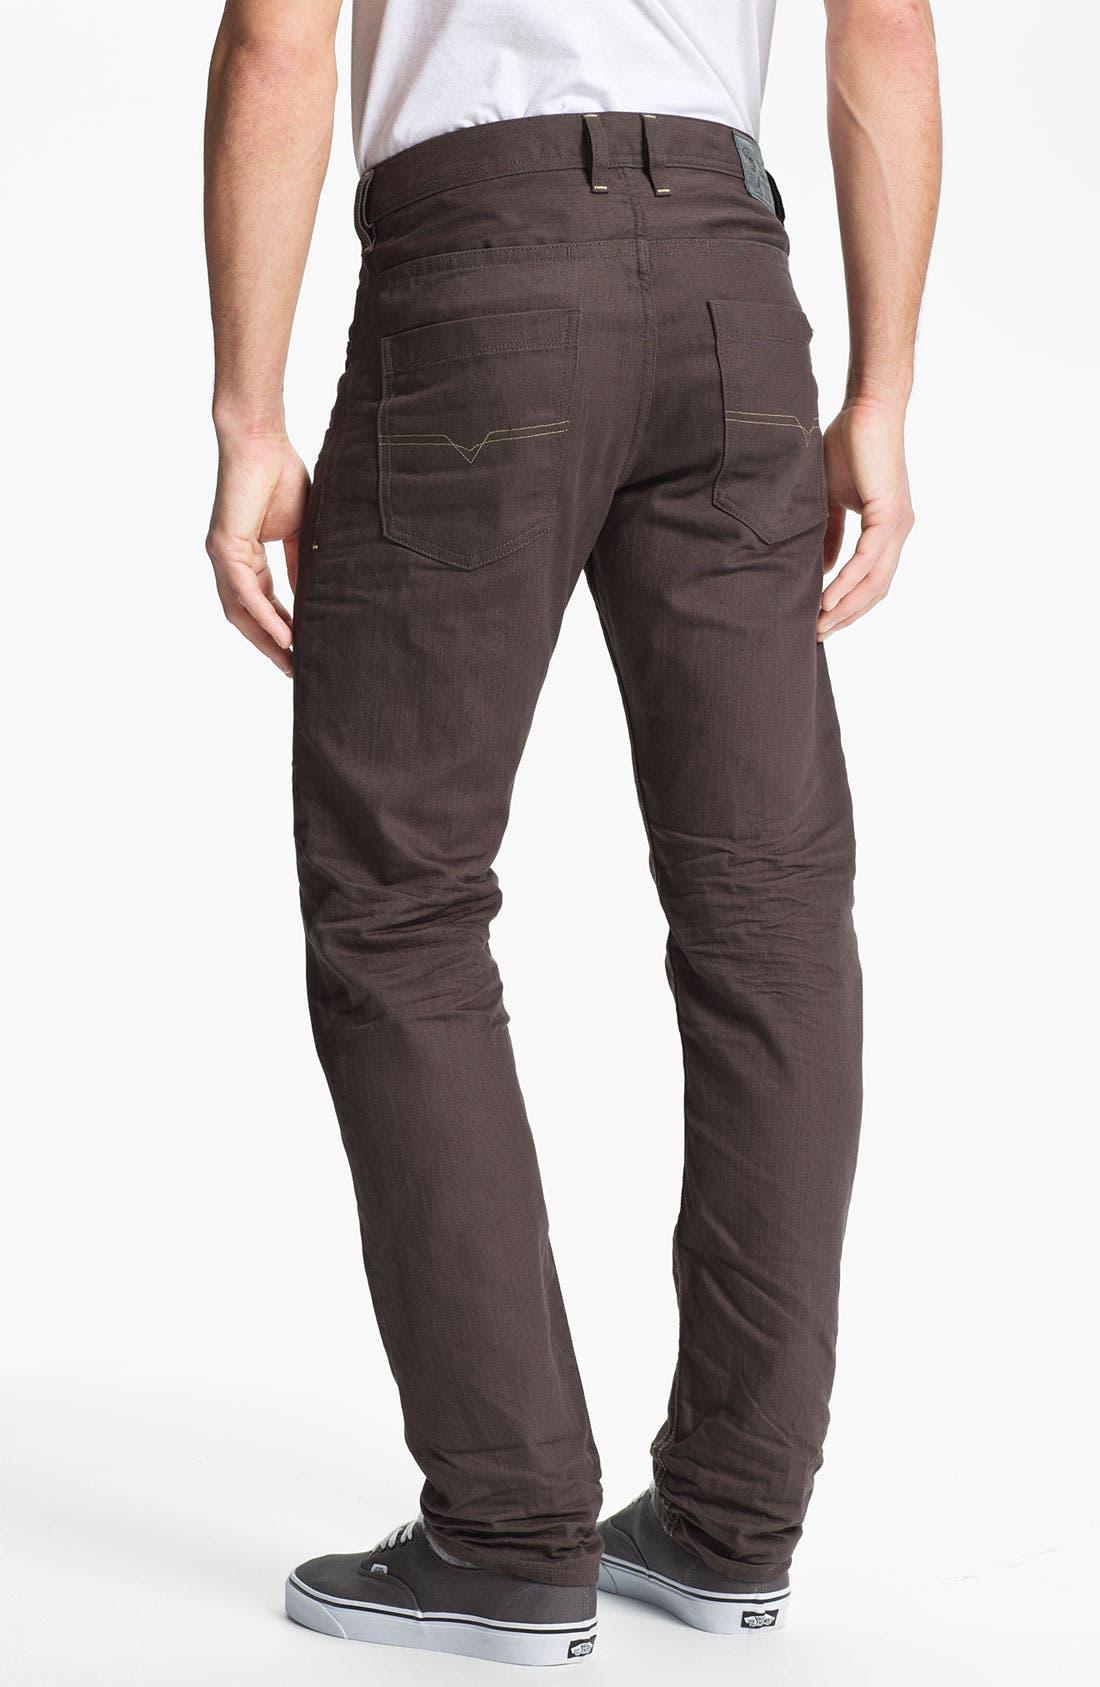 Alternate Image 1 Selected - DIESEL® 'Braddom' Slim Tapered Leg Jeans (Deep Black)